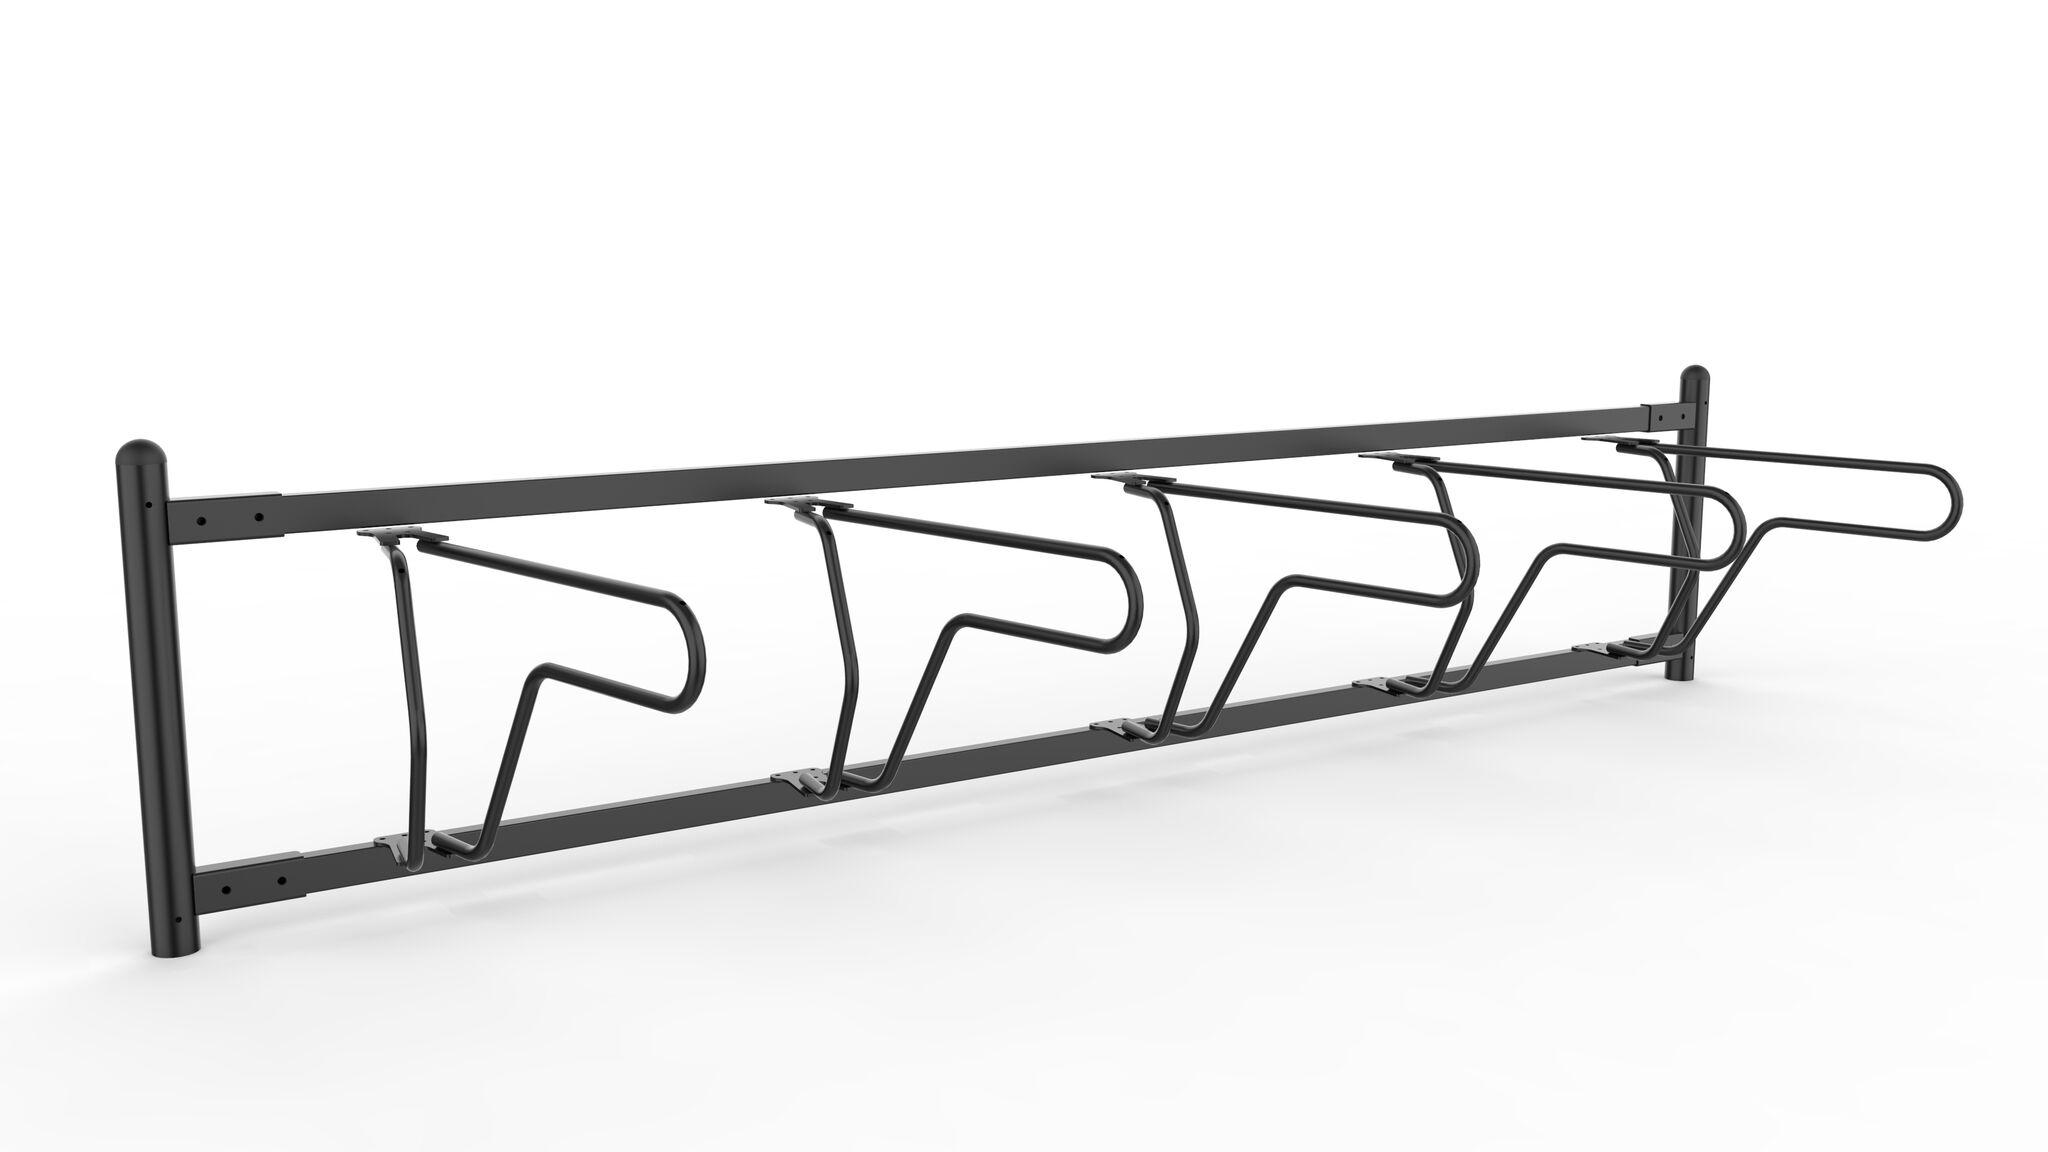 Delta runkolukitusteline yksipuolinen, pyöräteline sivulta valkoisella pohjalla ja viisi pyöränapaikkaa